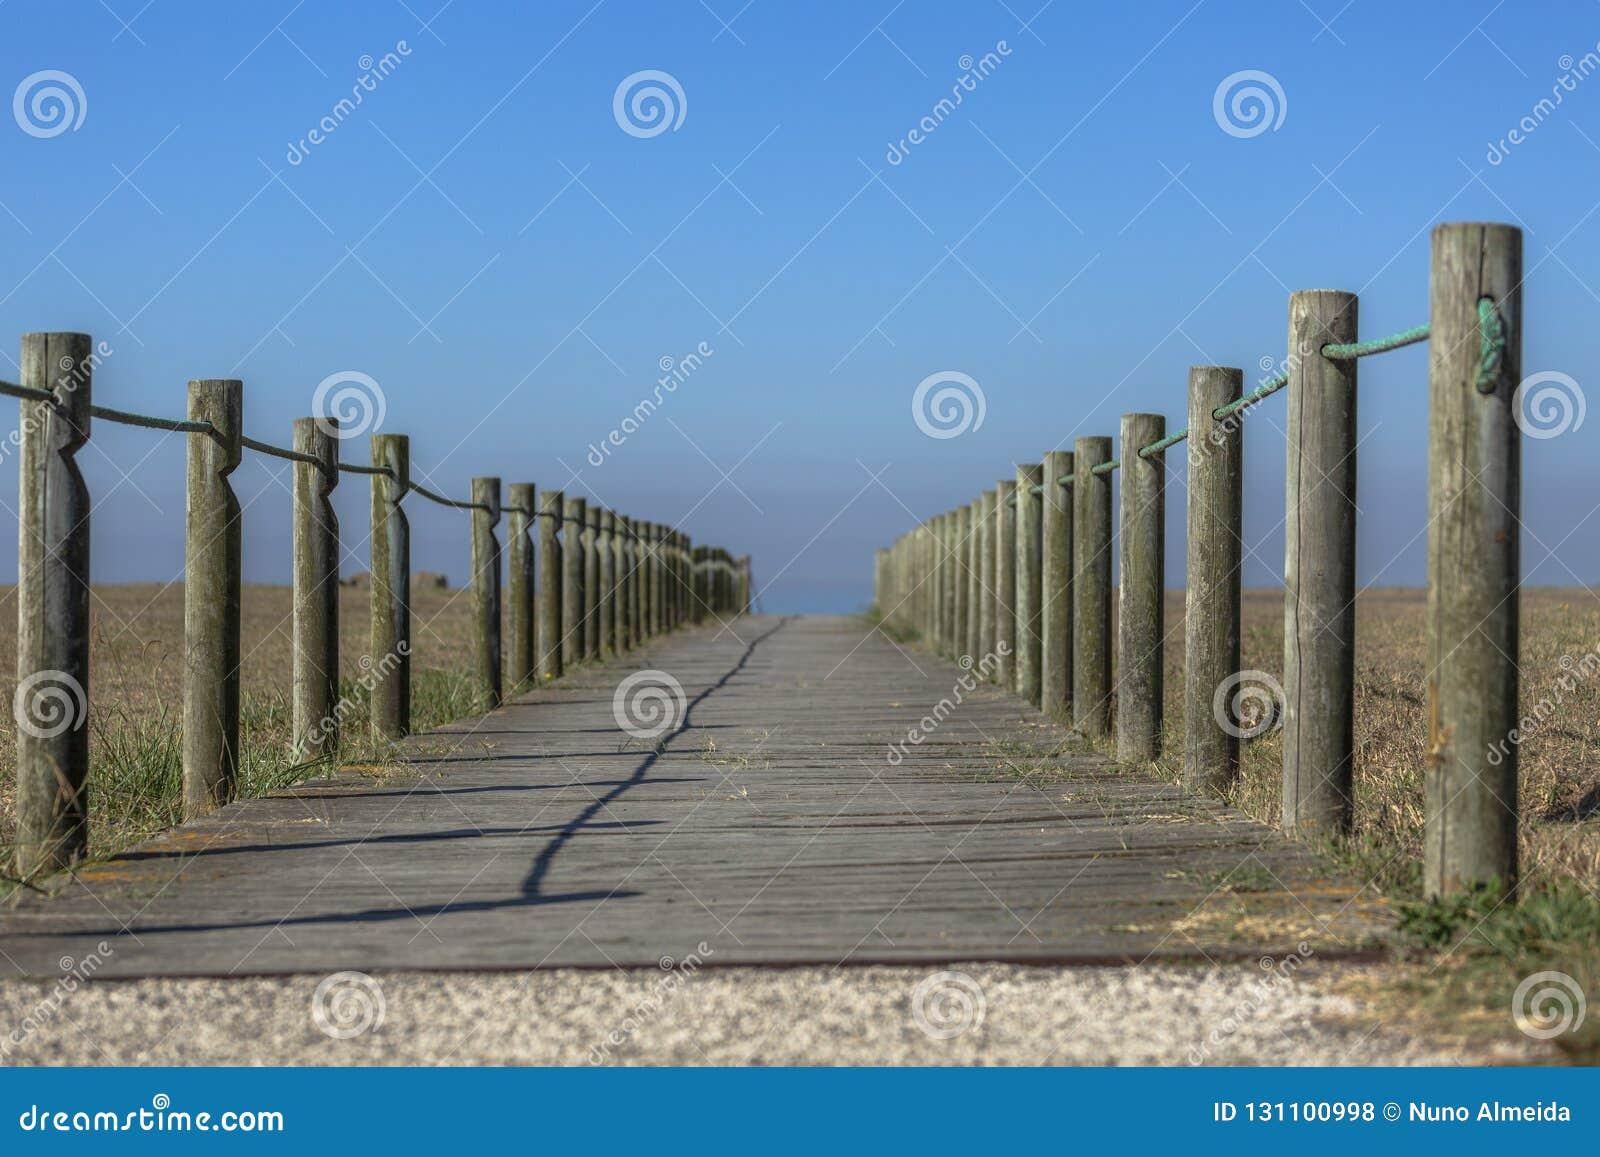 Perspectiefmening van houten voetgang, naar de oceaan, naast het strand